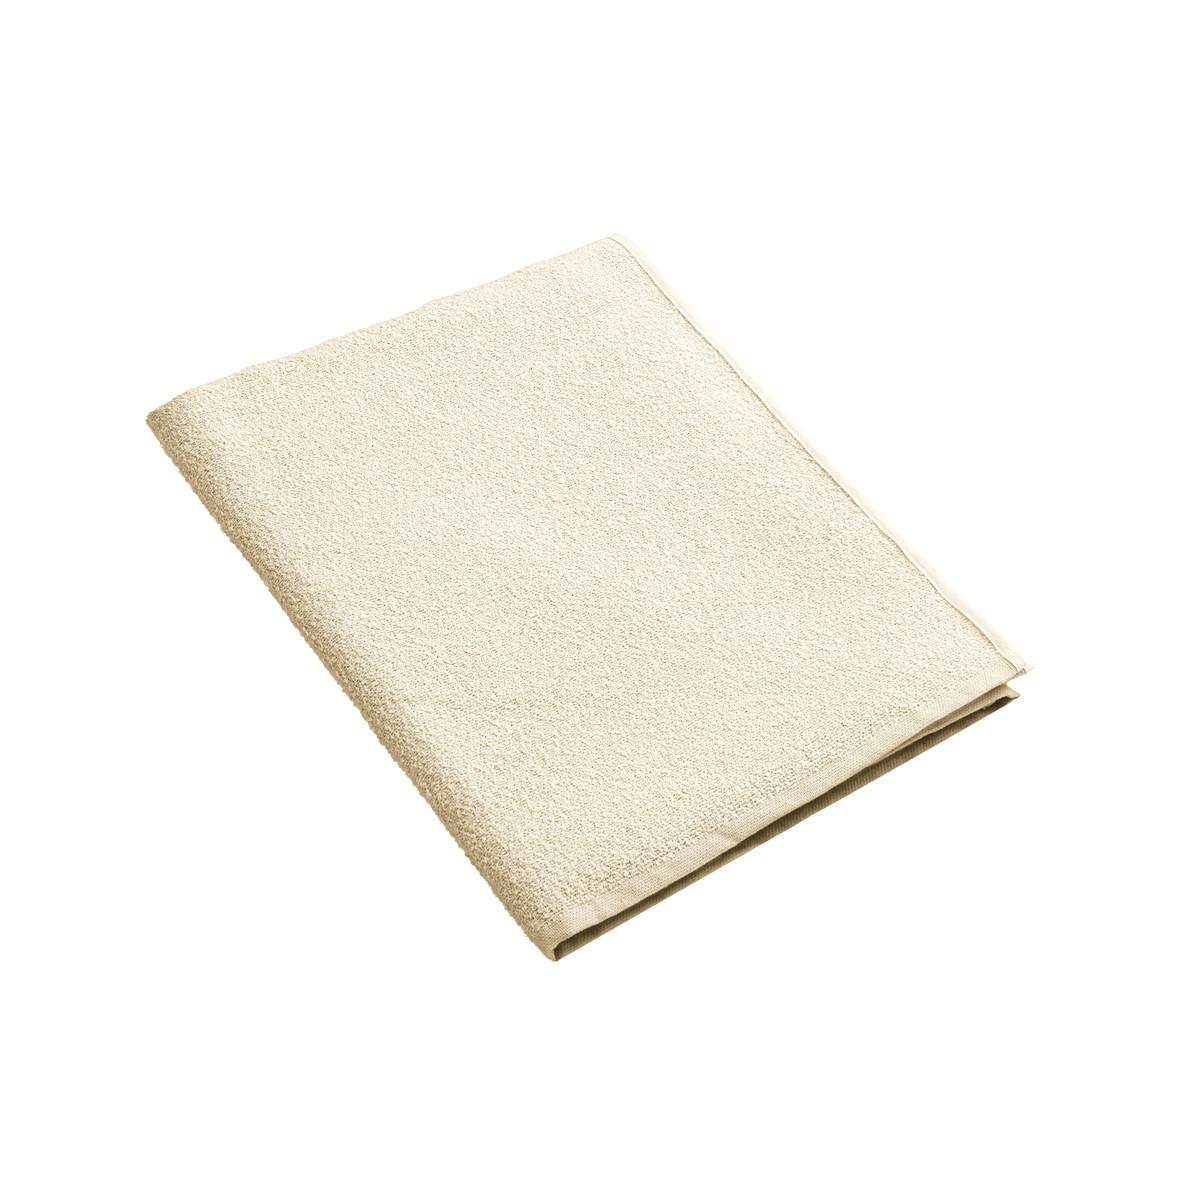 SAUNA- UND MASSAGEFROTTIER BATH TOWEL